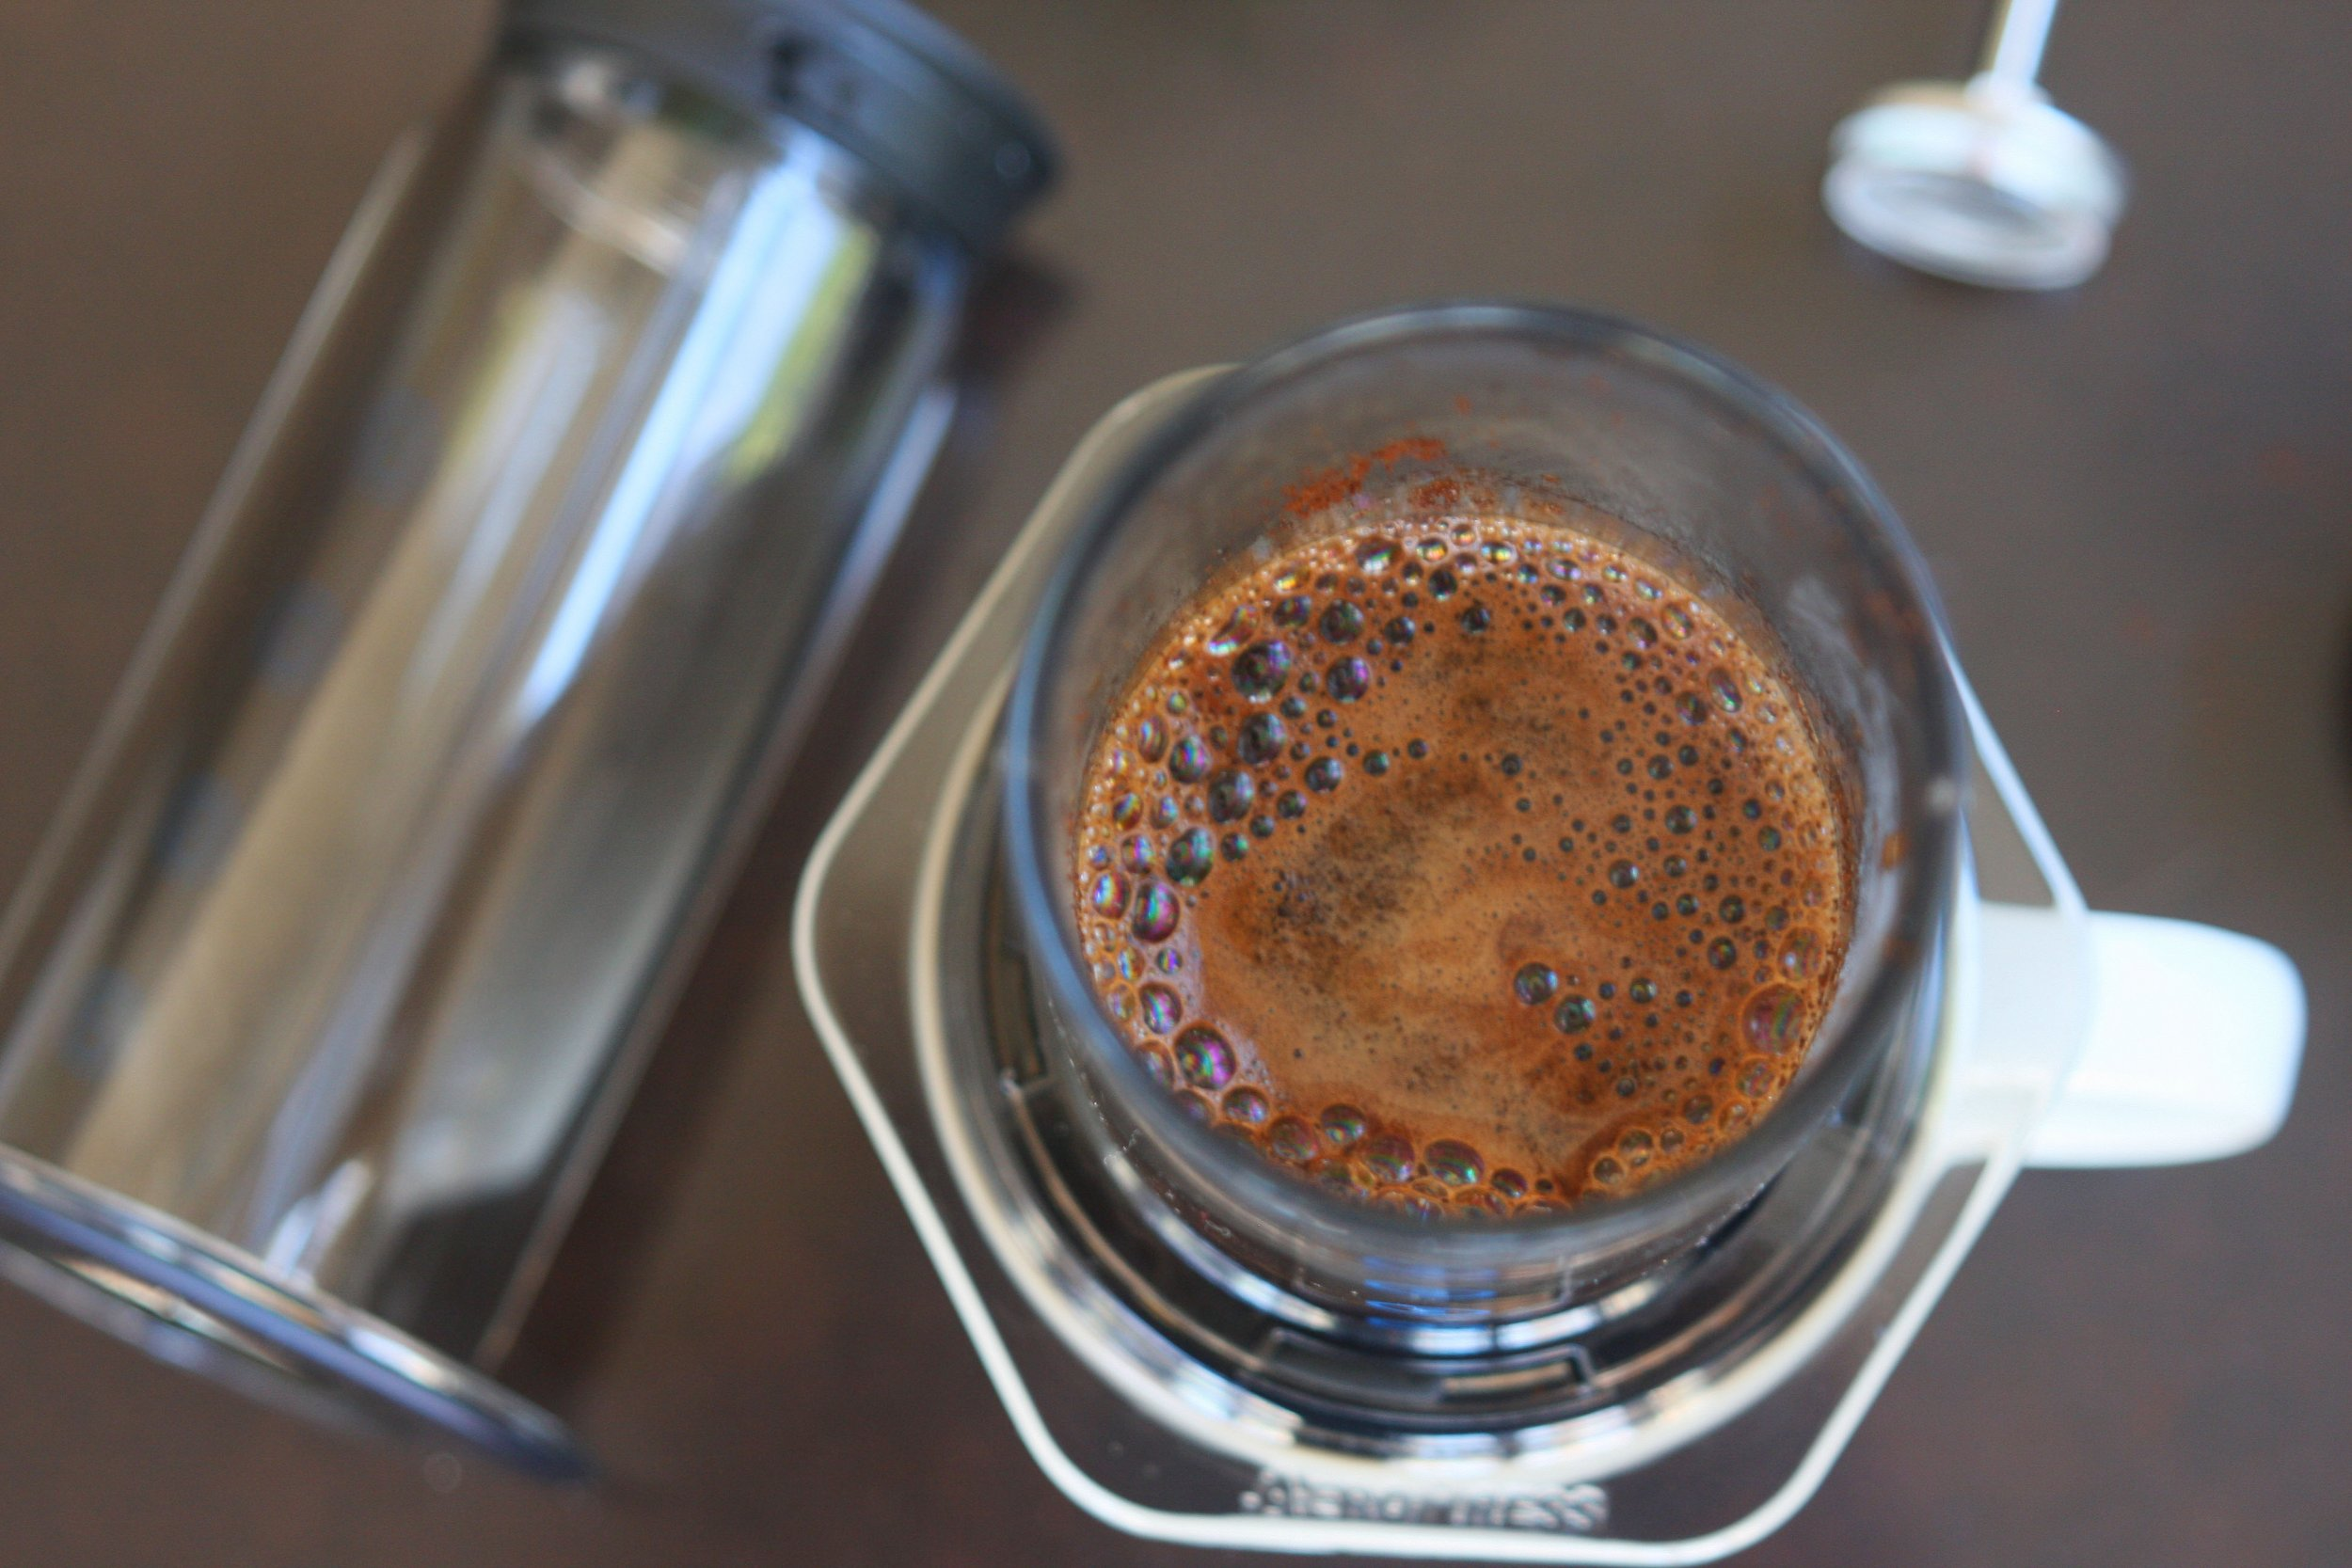 11-22-13_LS0142_Coffeemaker